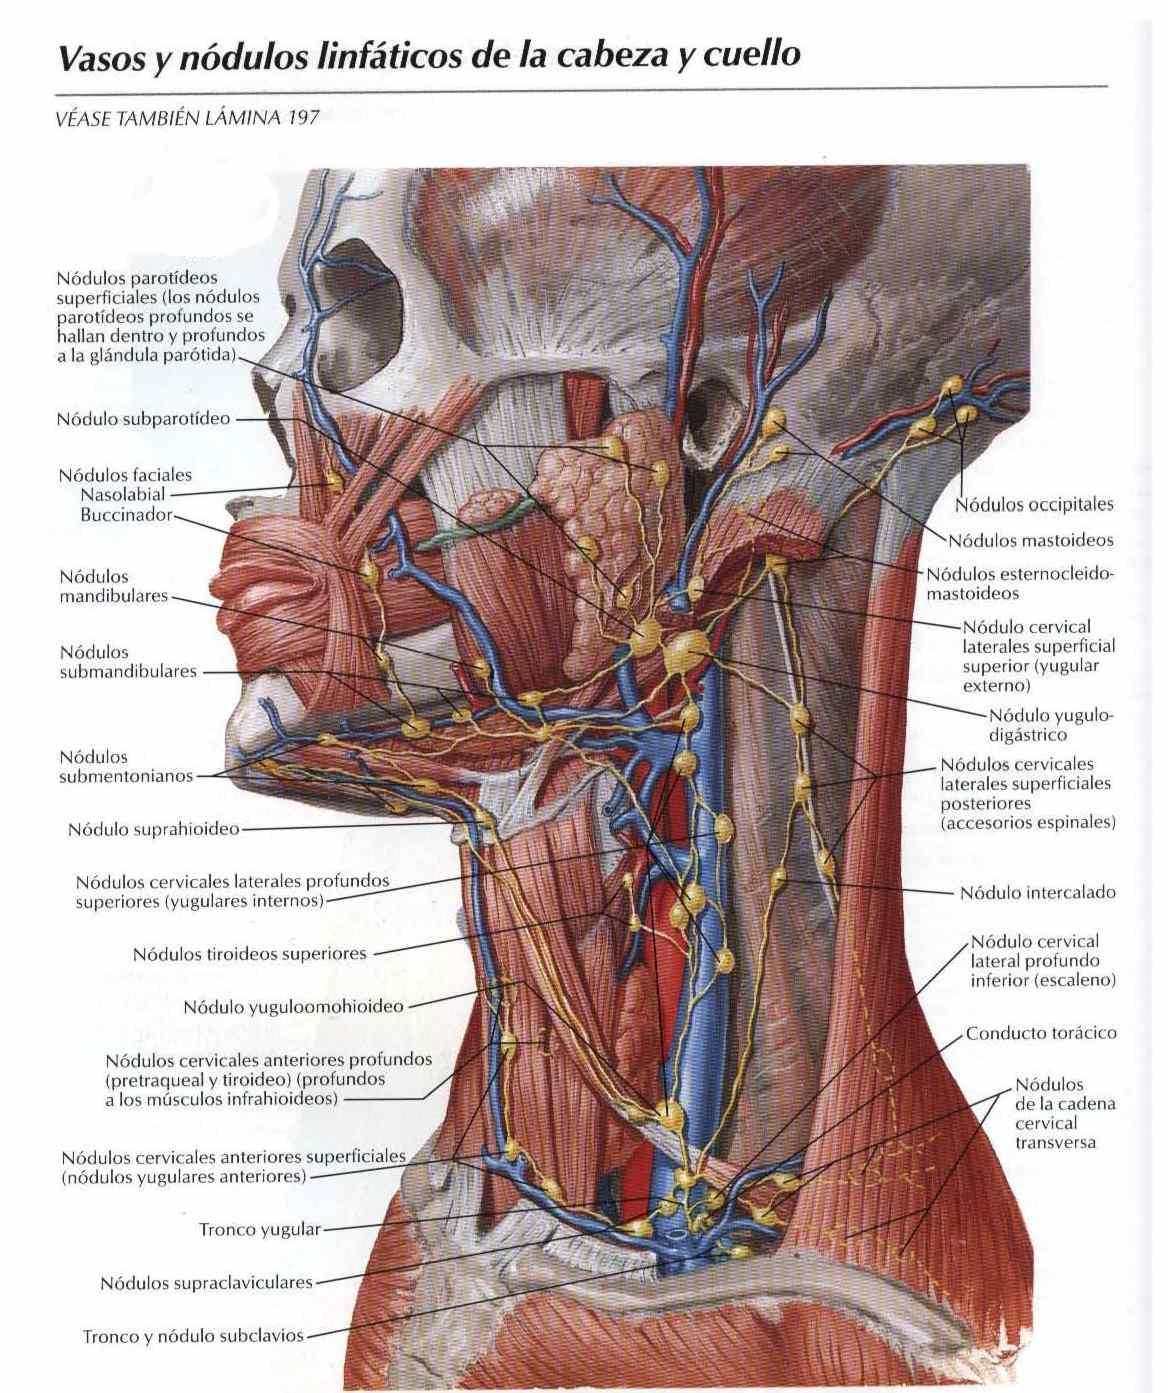 Atlas, anatomía: Vasos y módulos linfáticos de la cabeza y cuello ...